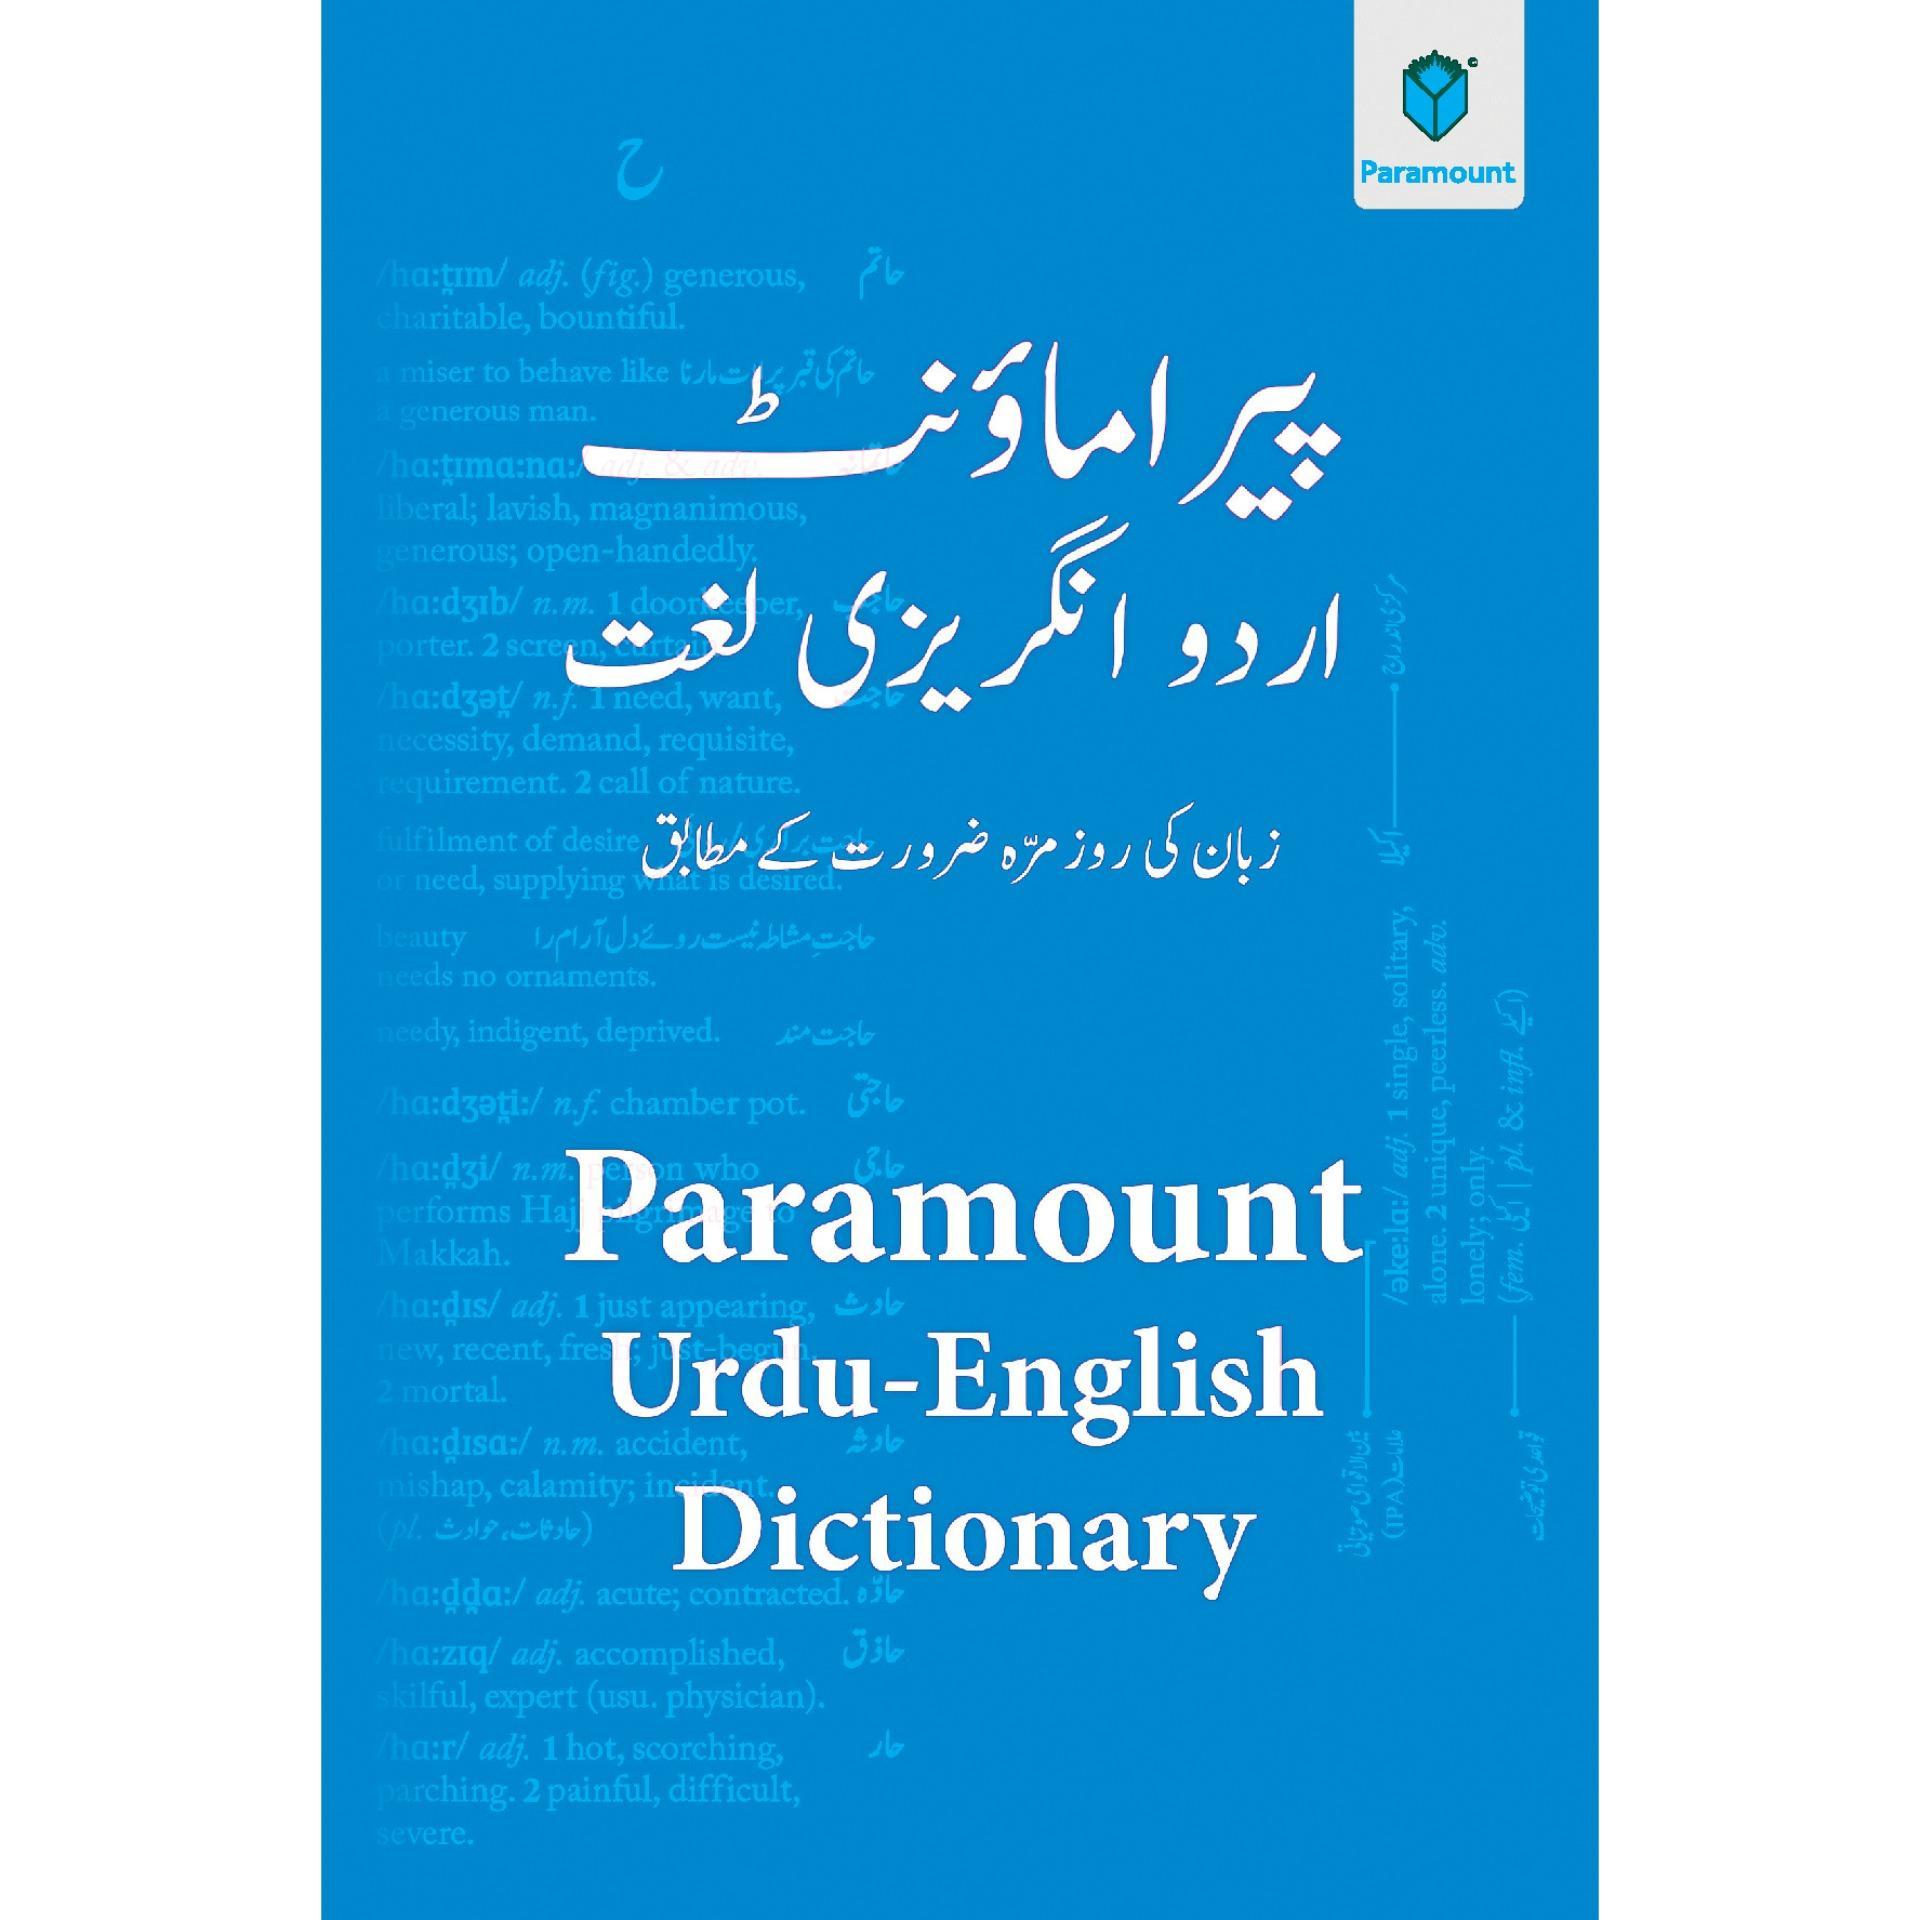 Urdu/English